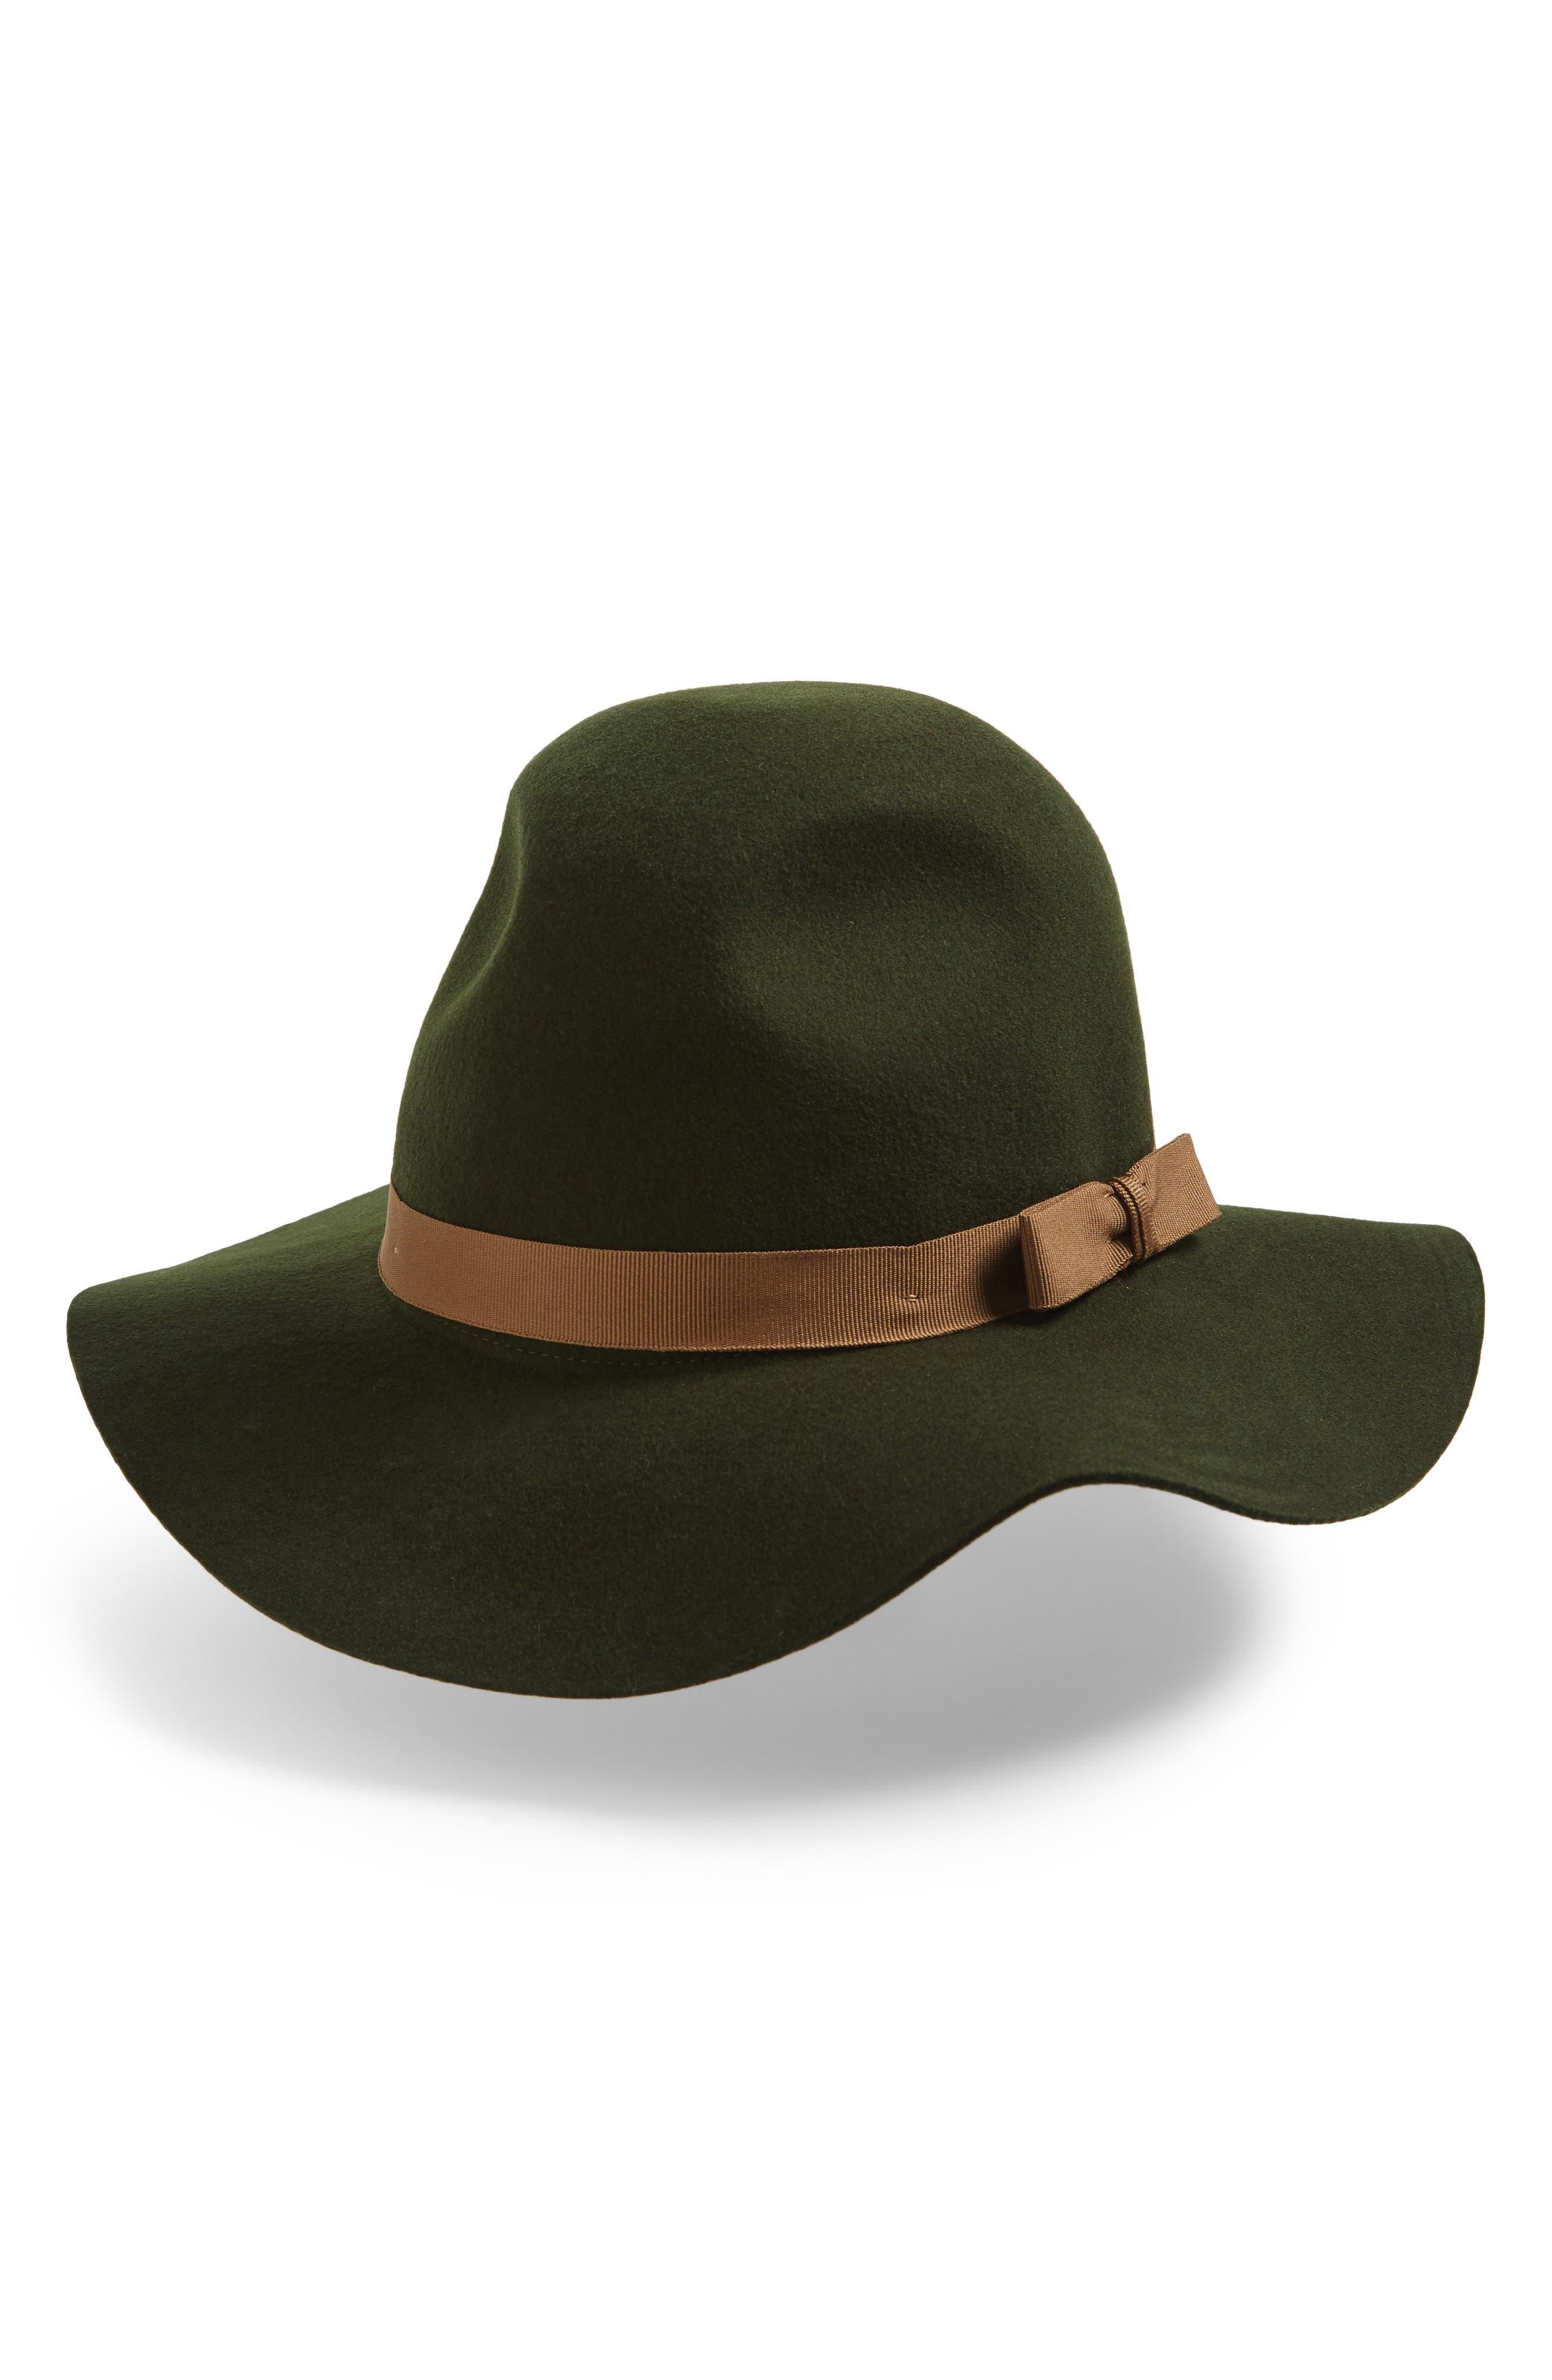 Alternate Image 1 Selected - Brixton 'Dalila' Floppy Felt Hat